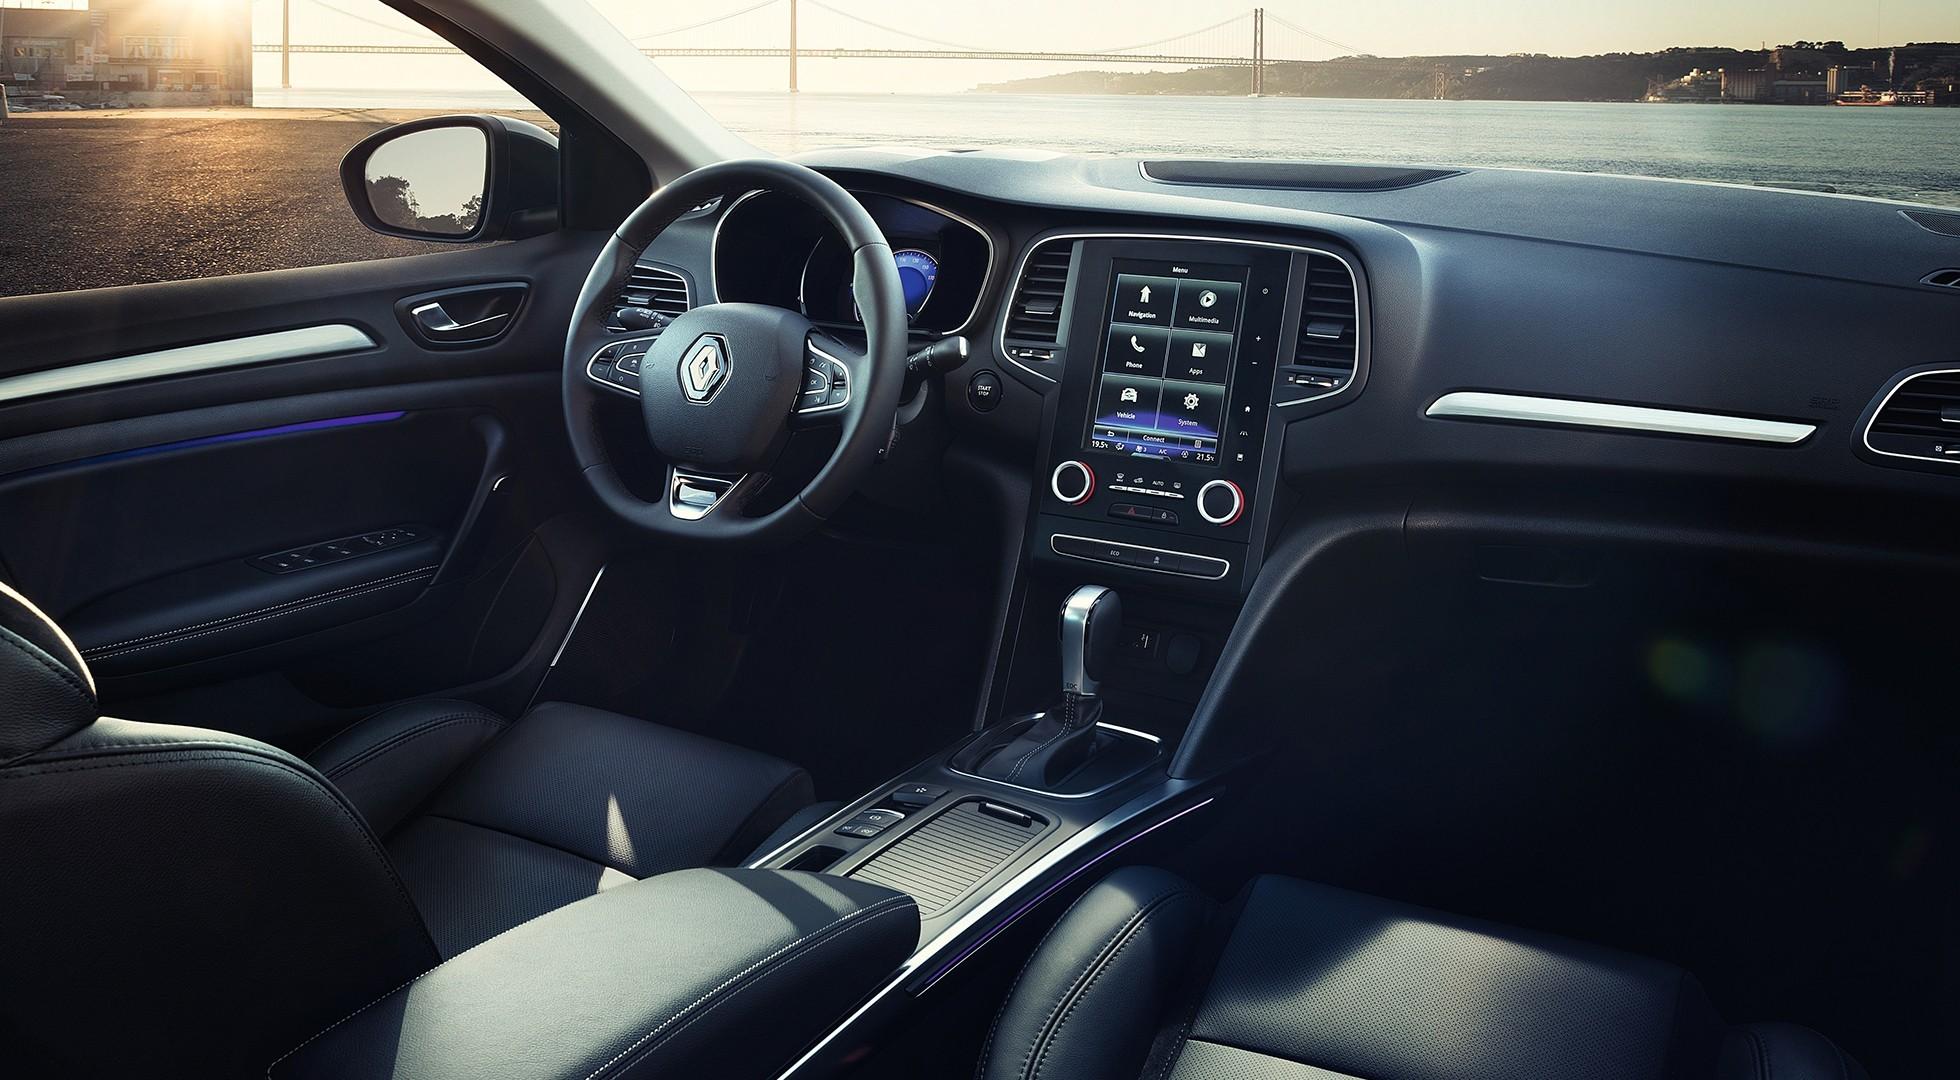 Renault_80740_global_en